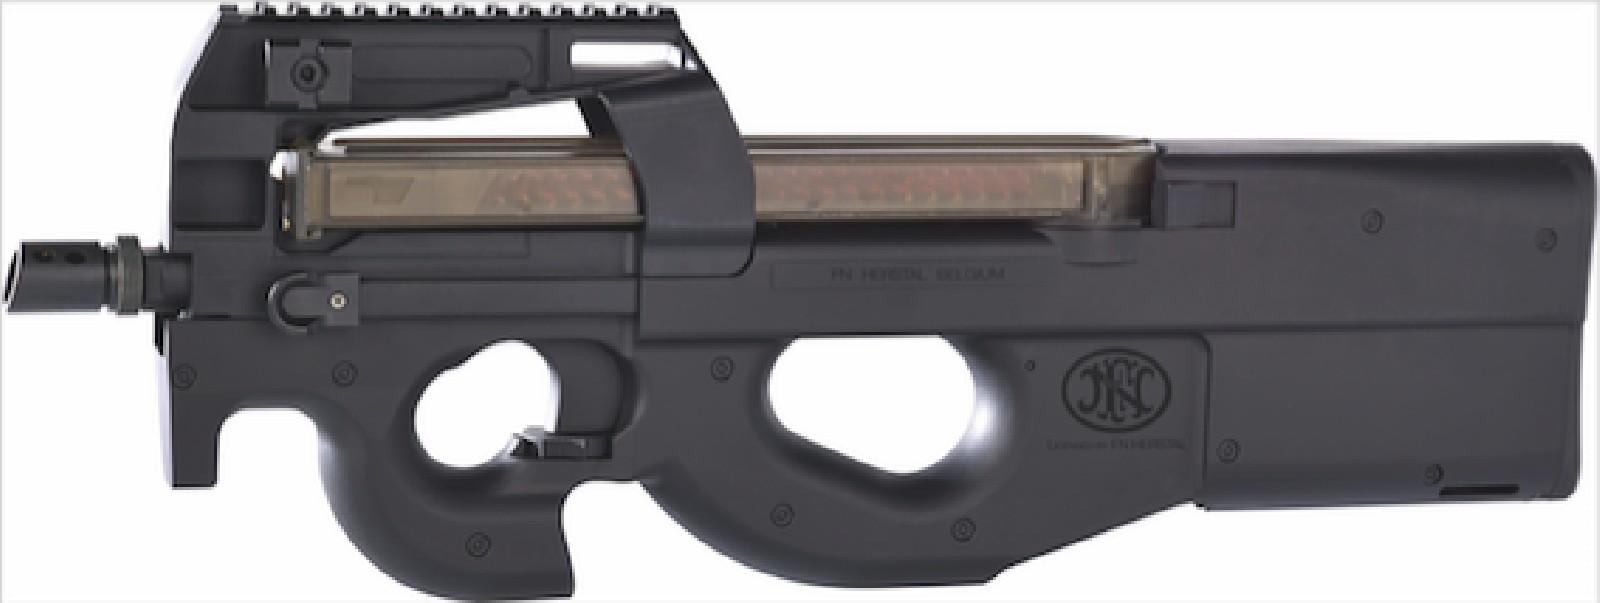 Cybergun - Pistolet mitrailleur FN P90 AEG avec Batterie et Chargeur de Batterie - Noir (1.4 joules)